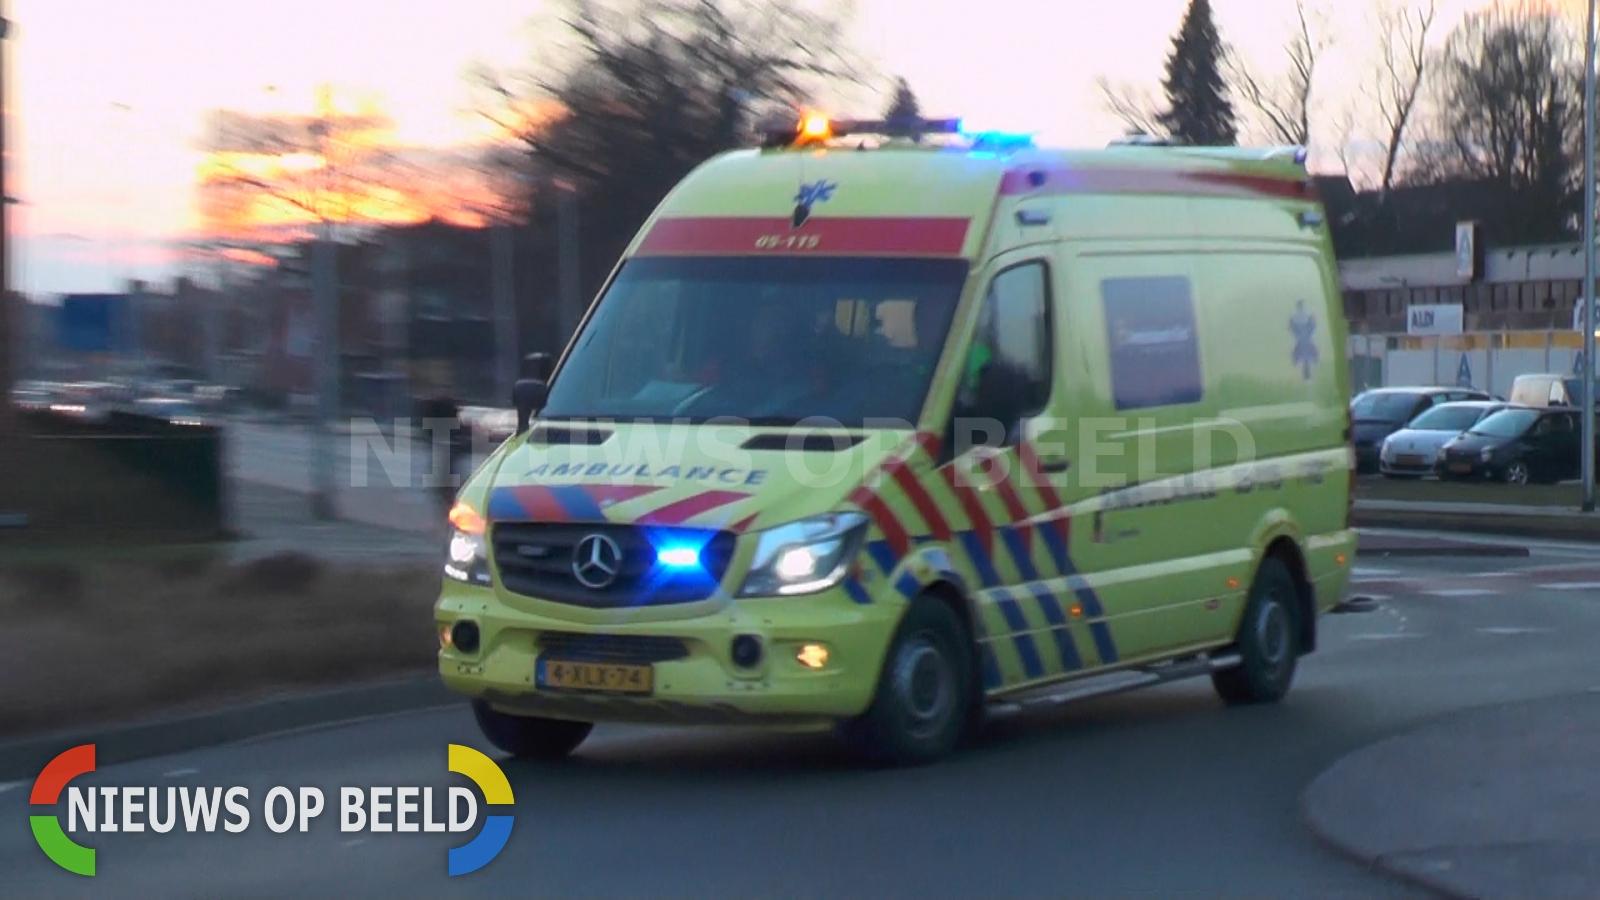 Vrouw Patrick Lodewijks trainer Feyenoord om het leven gekomen na ongeval op snelweg A2 Eindhoven